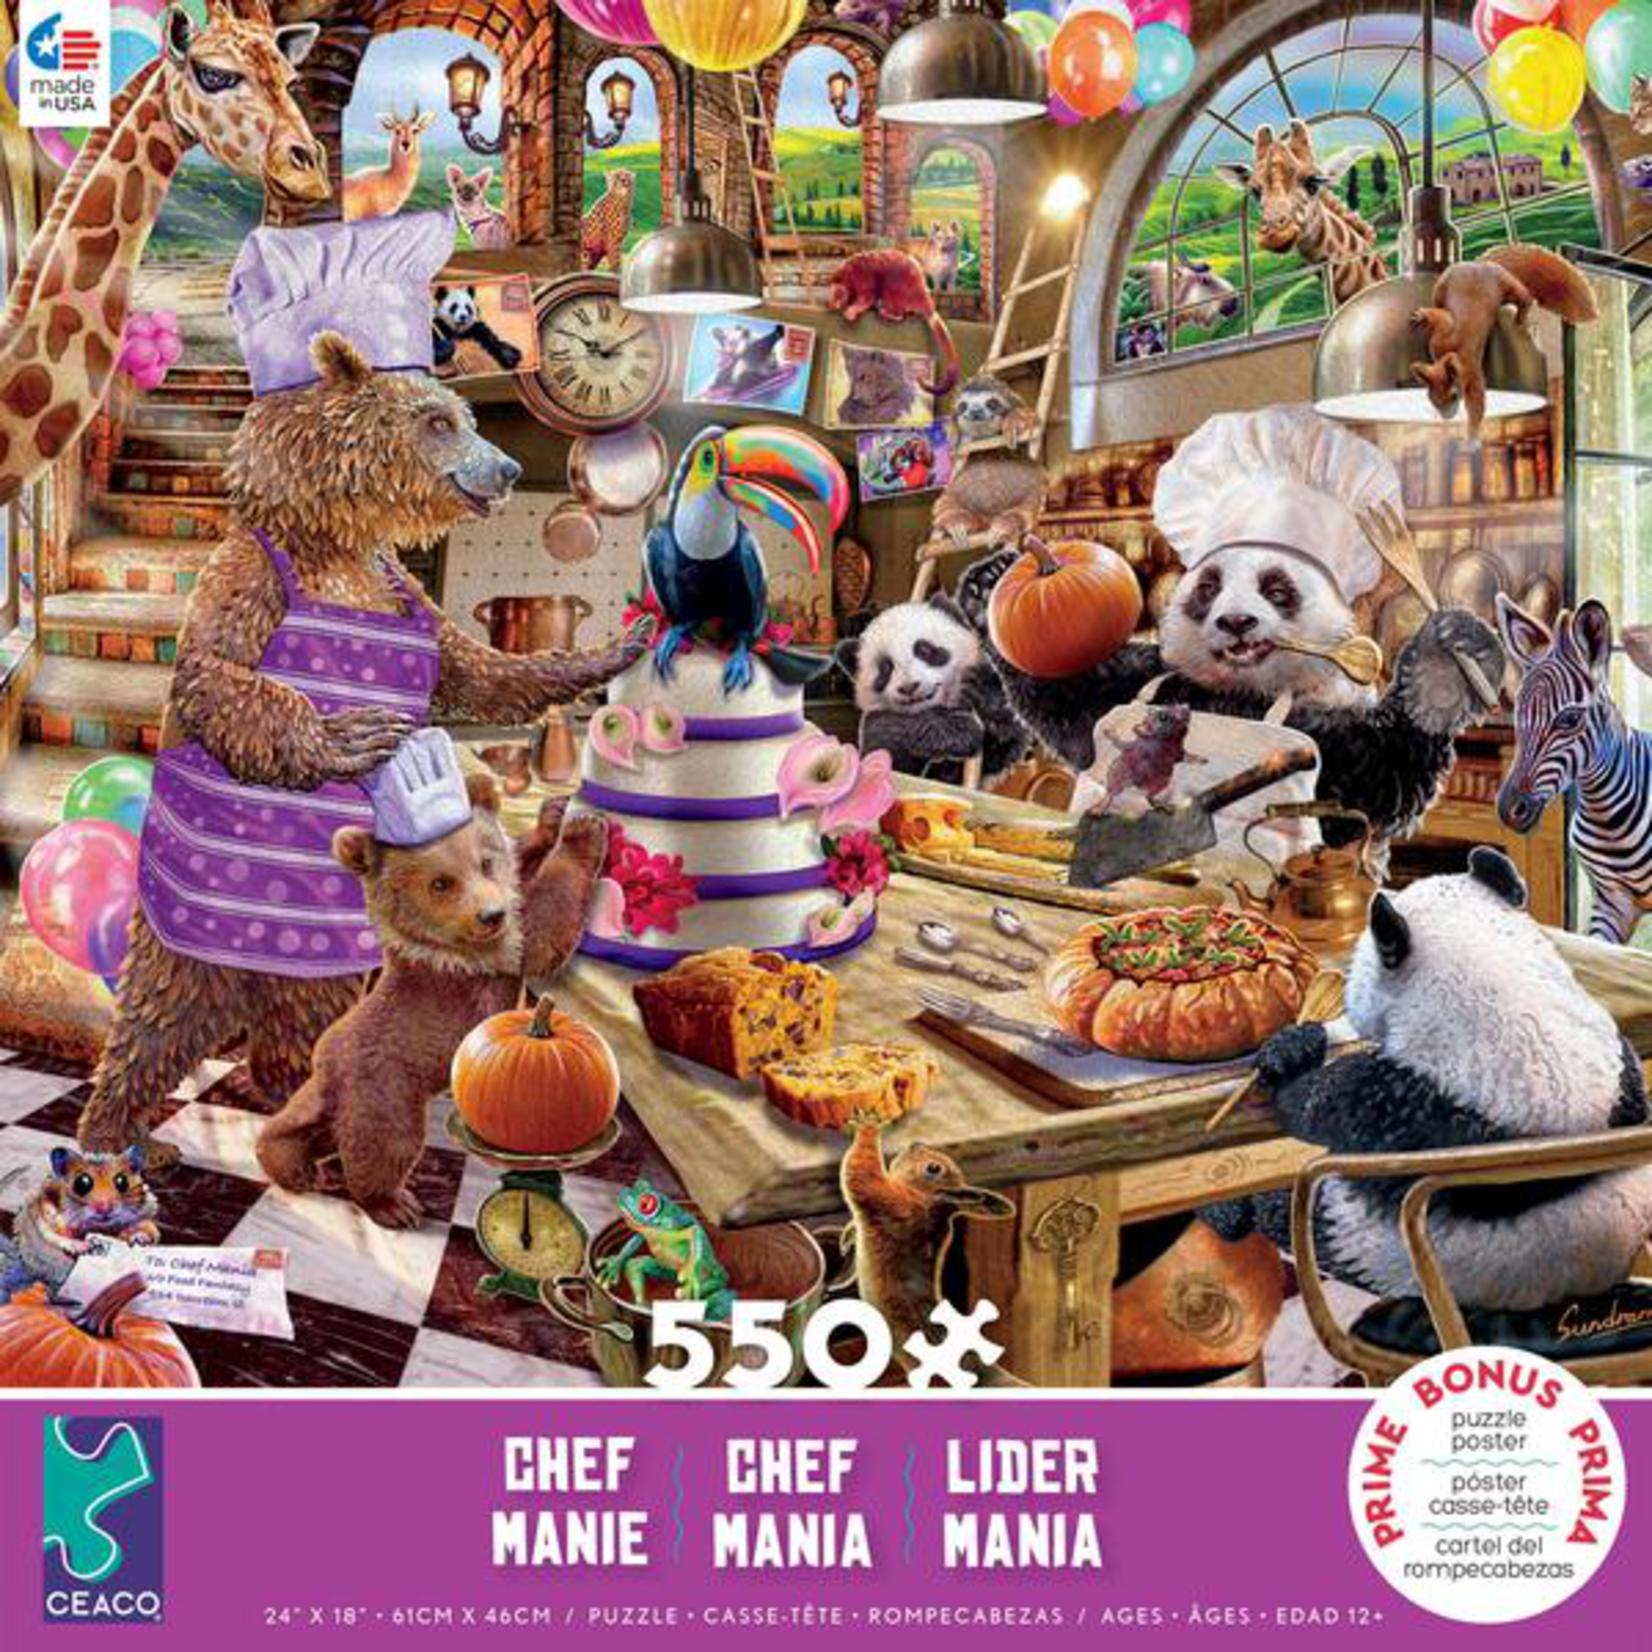 CEACO Chef Mania 550pc